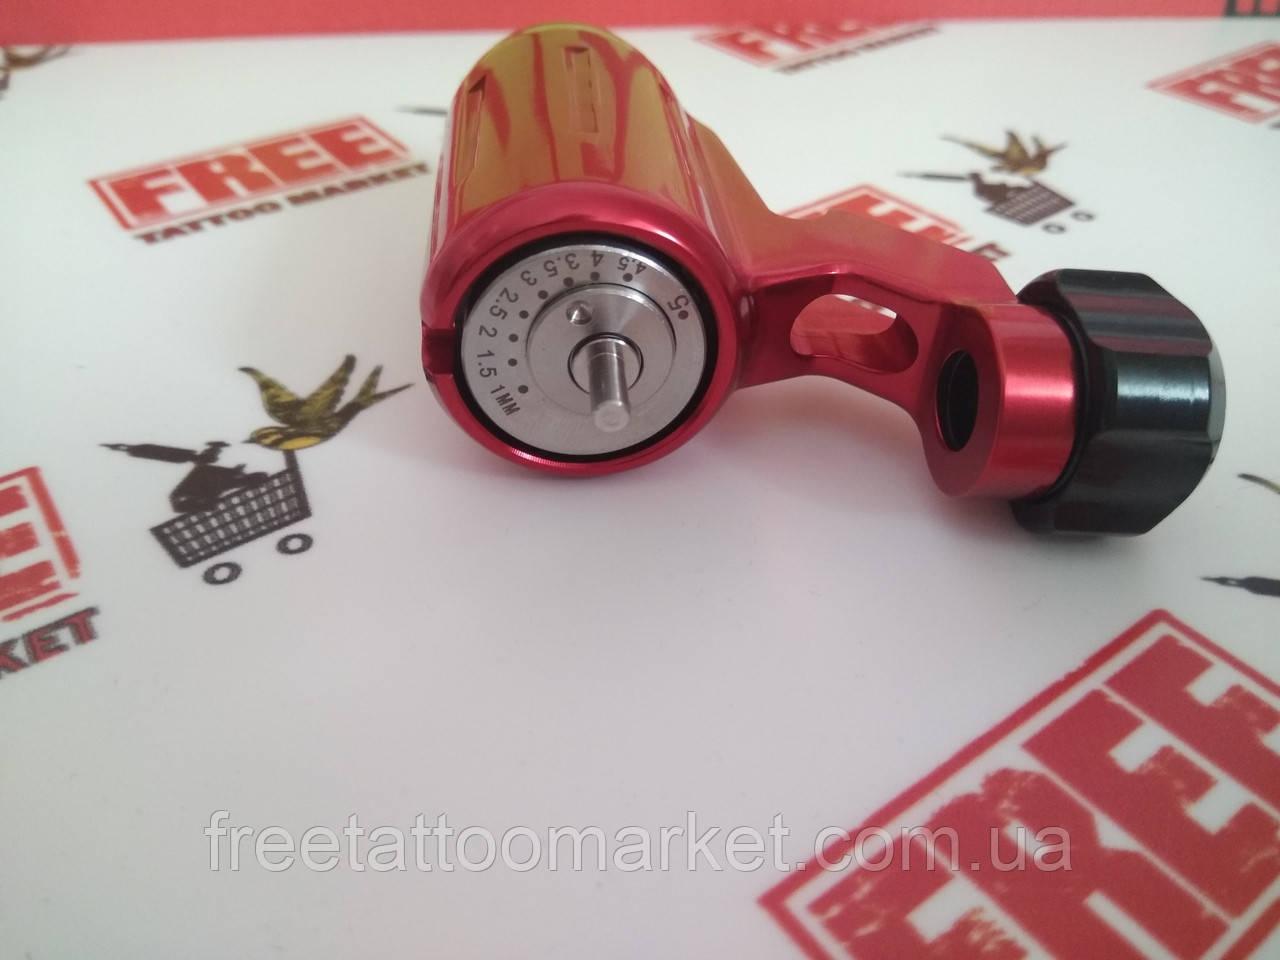 Тату машинка ротор поворотник (красный)